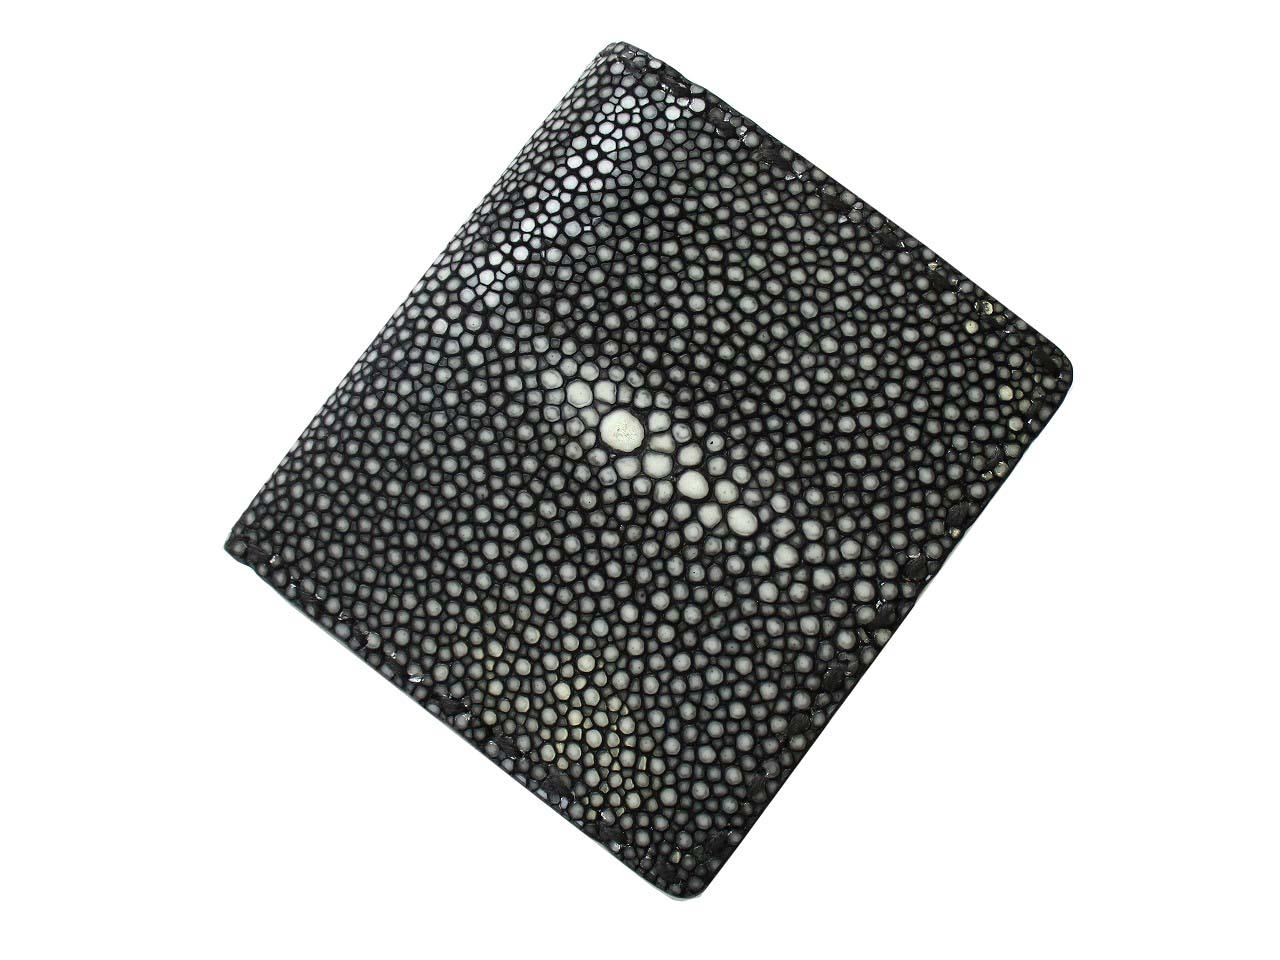 L.E.D.BITES RAY エルイーディーバイツ スティングレイ(エイ革) メンズ財布 二つ折り財布(小銭入れあり) B-2335